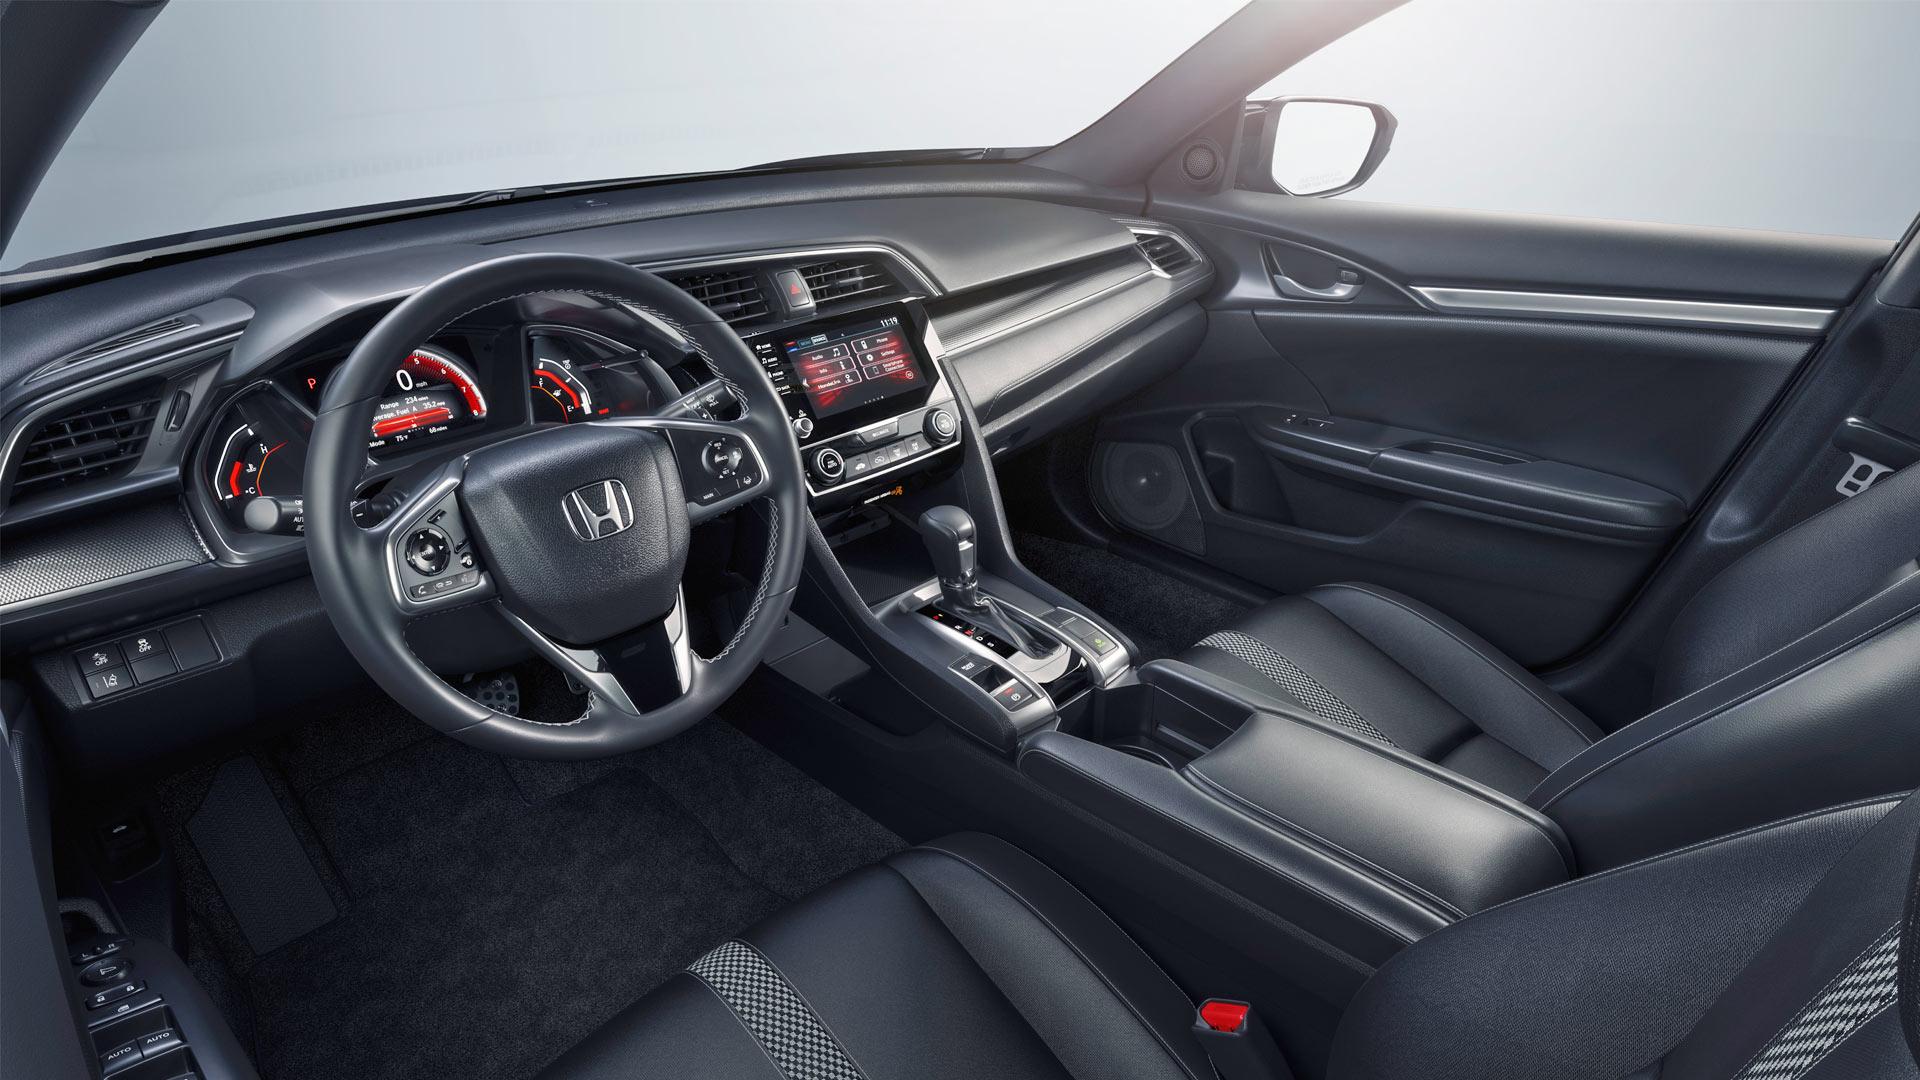 2019-Honda-Civic-Sedan-Interior